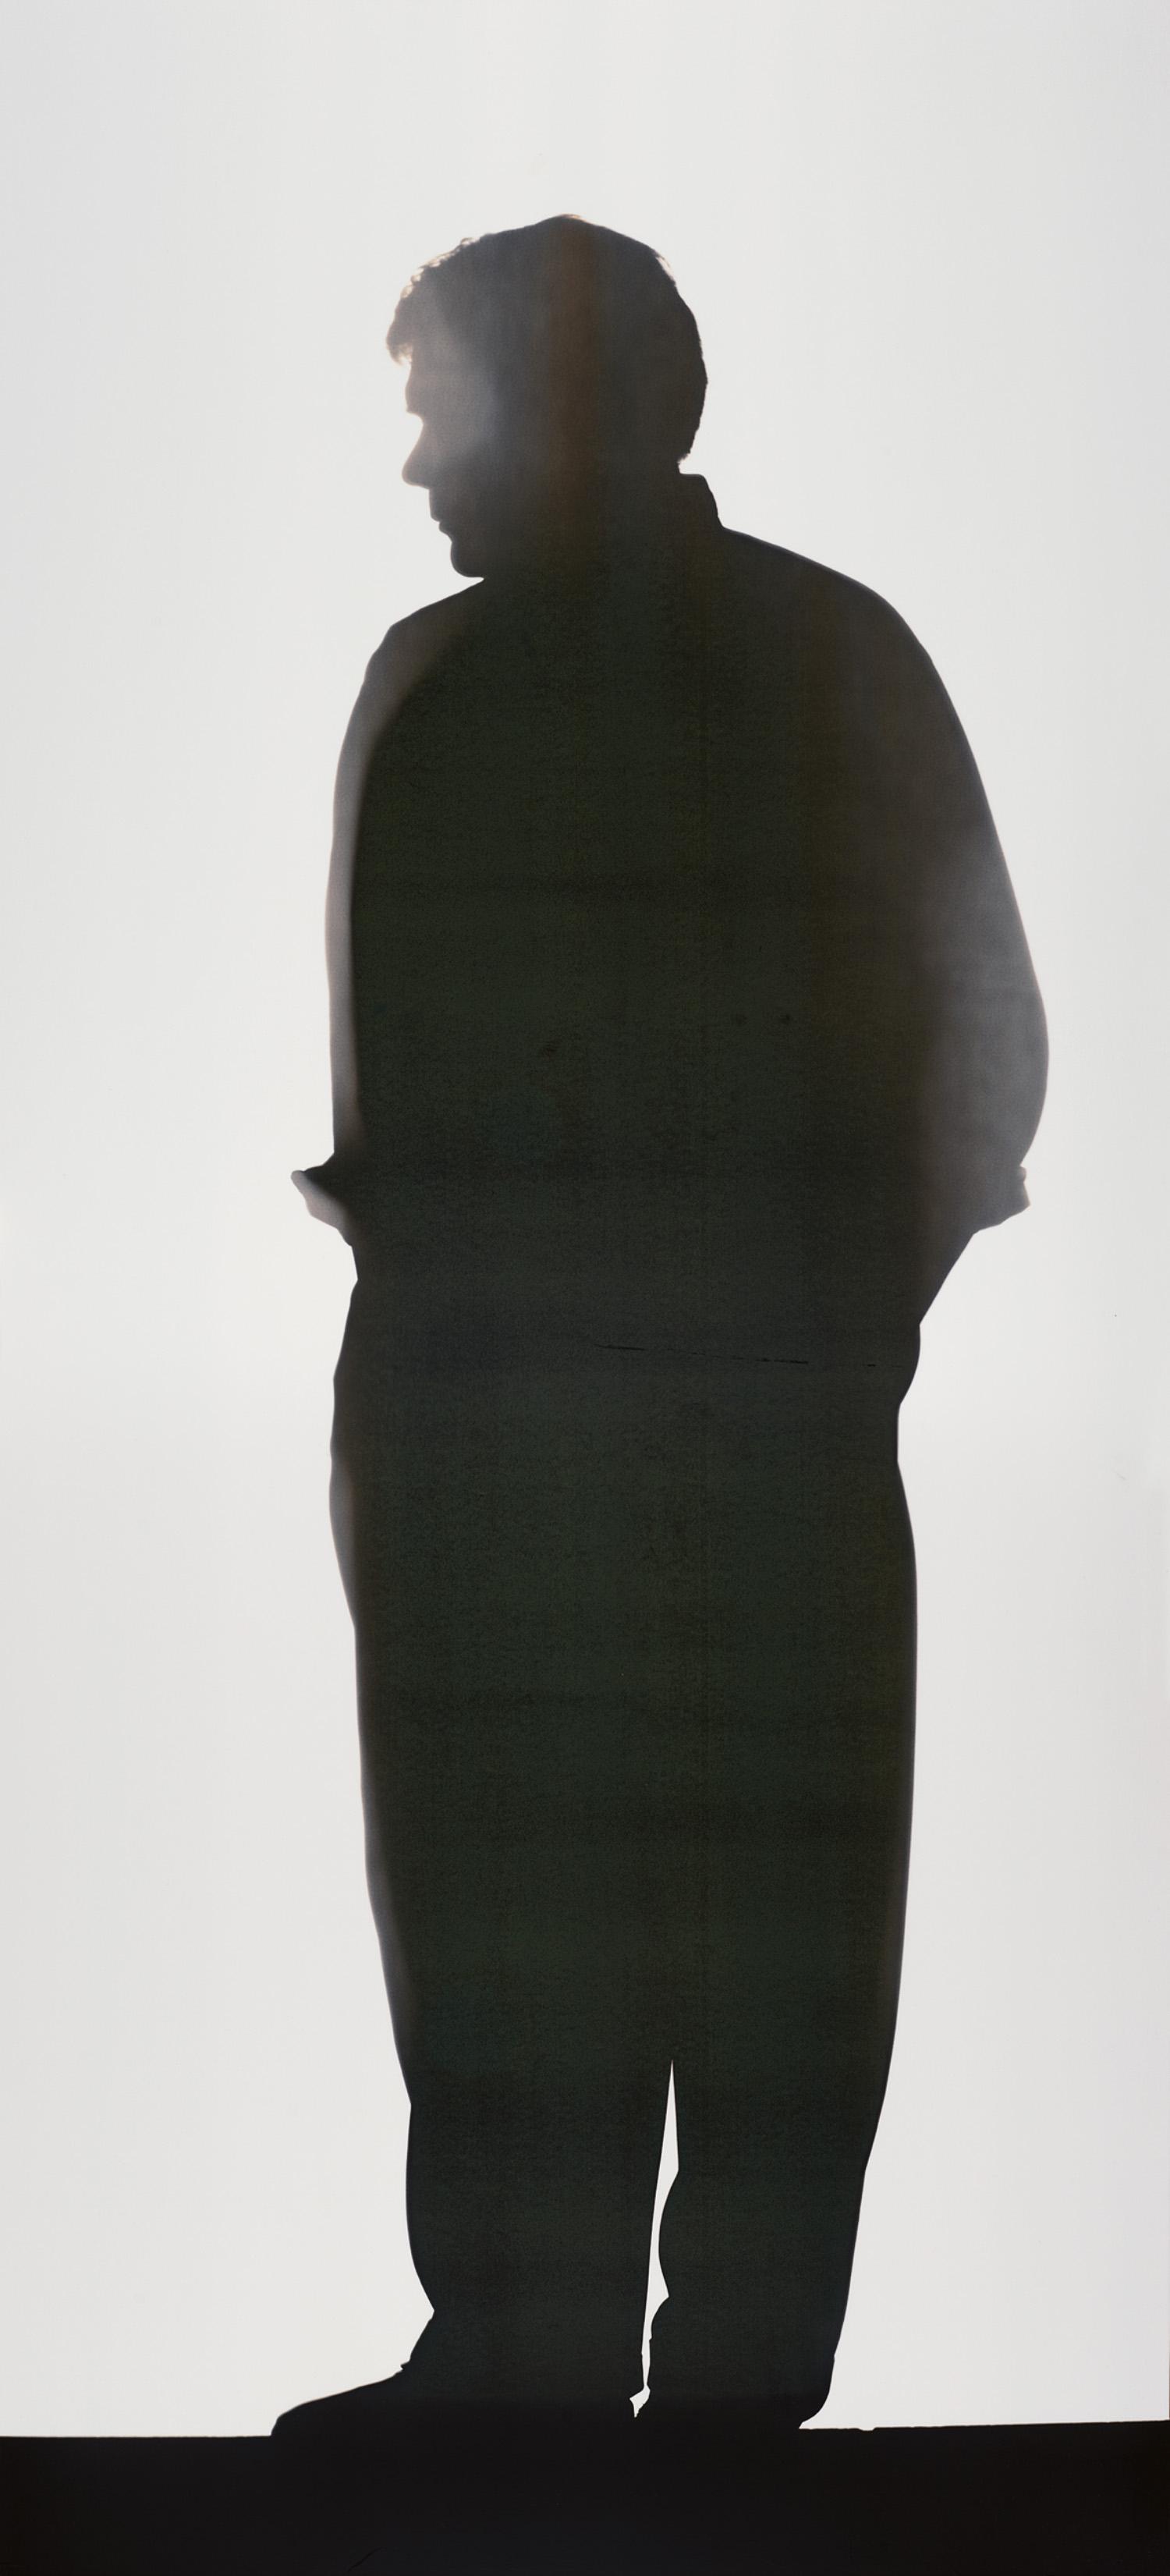 Neusüss, Portrait. Blatt der Werkgruppe «Portraitsilhouette», 1994